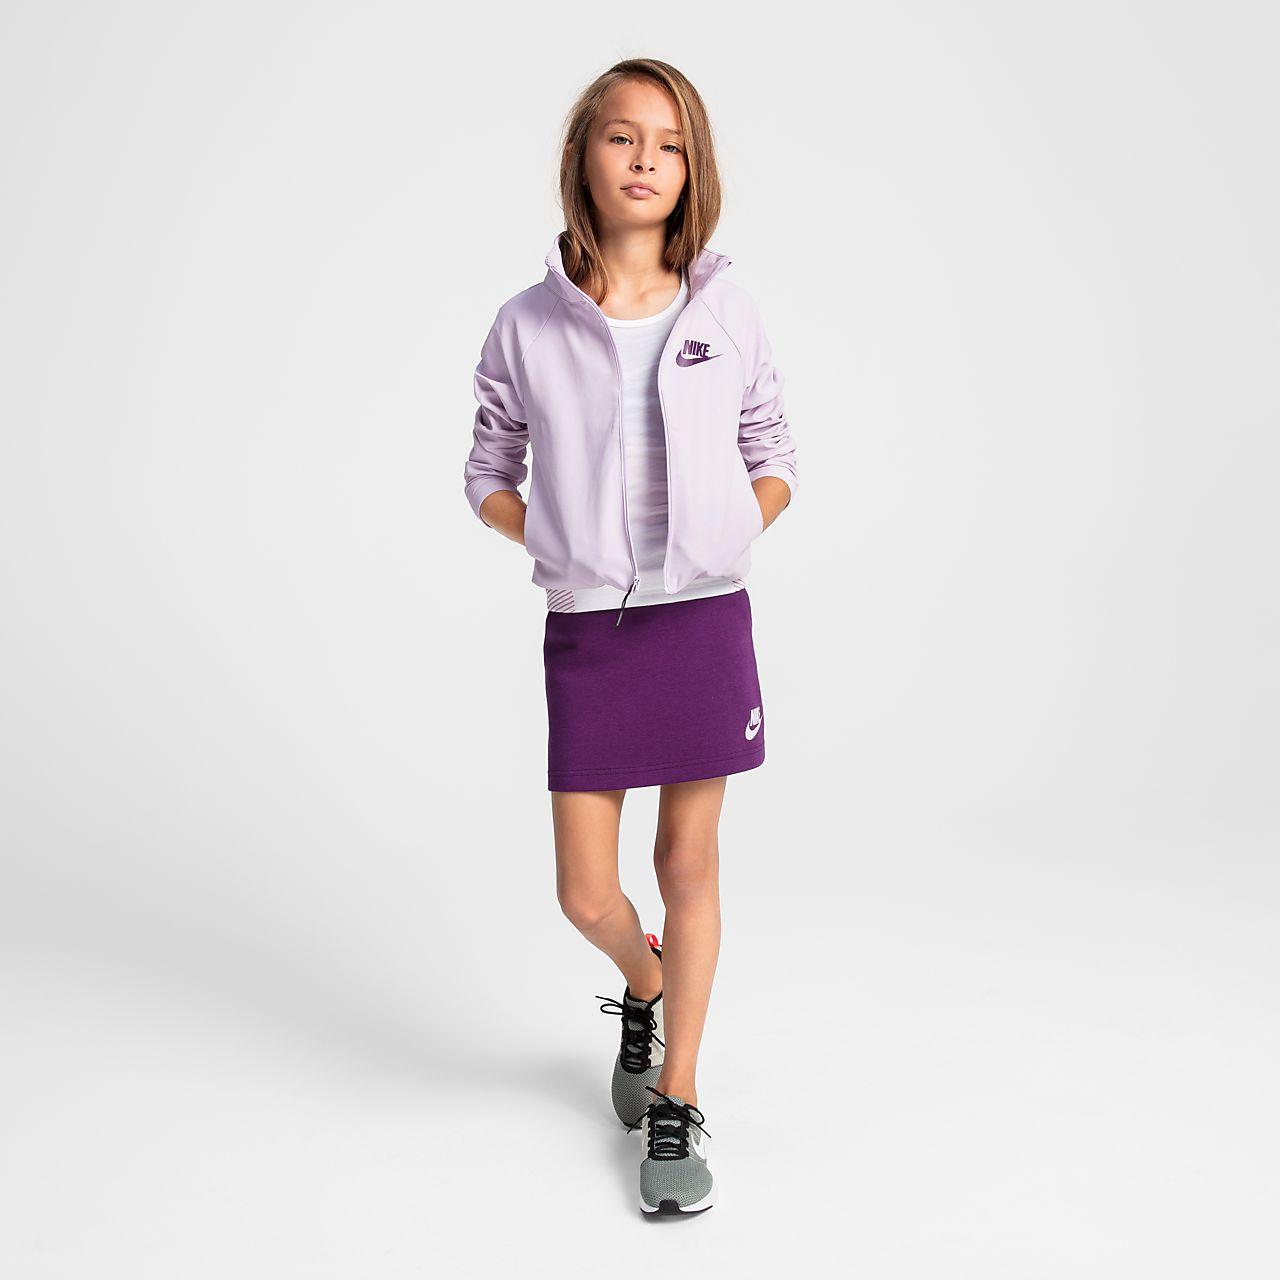 Nike Sportswear Older Kids Girls Jacket